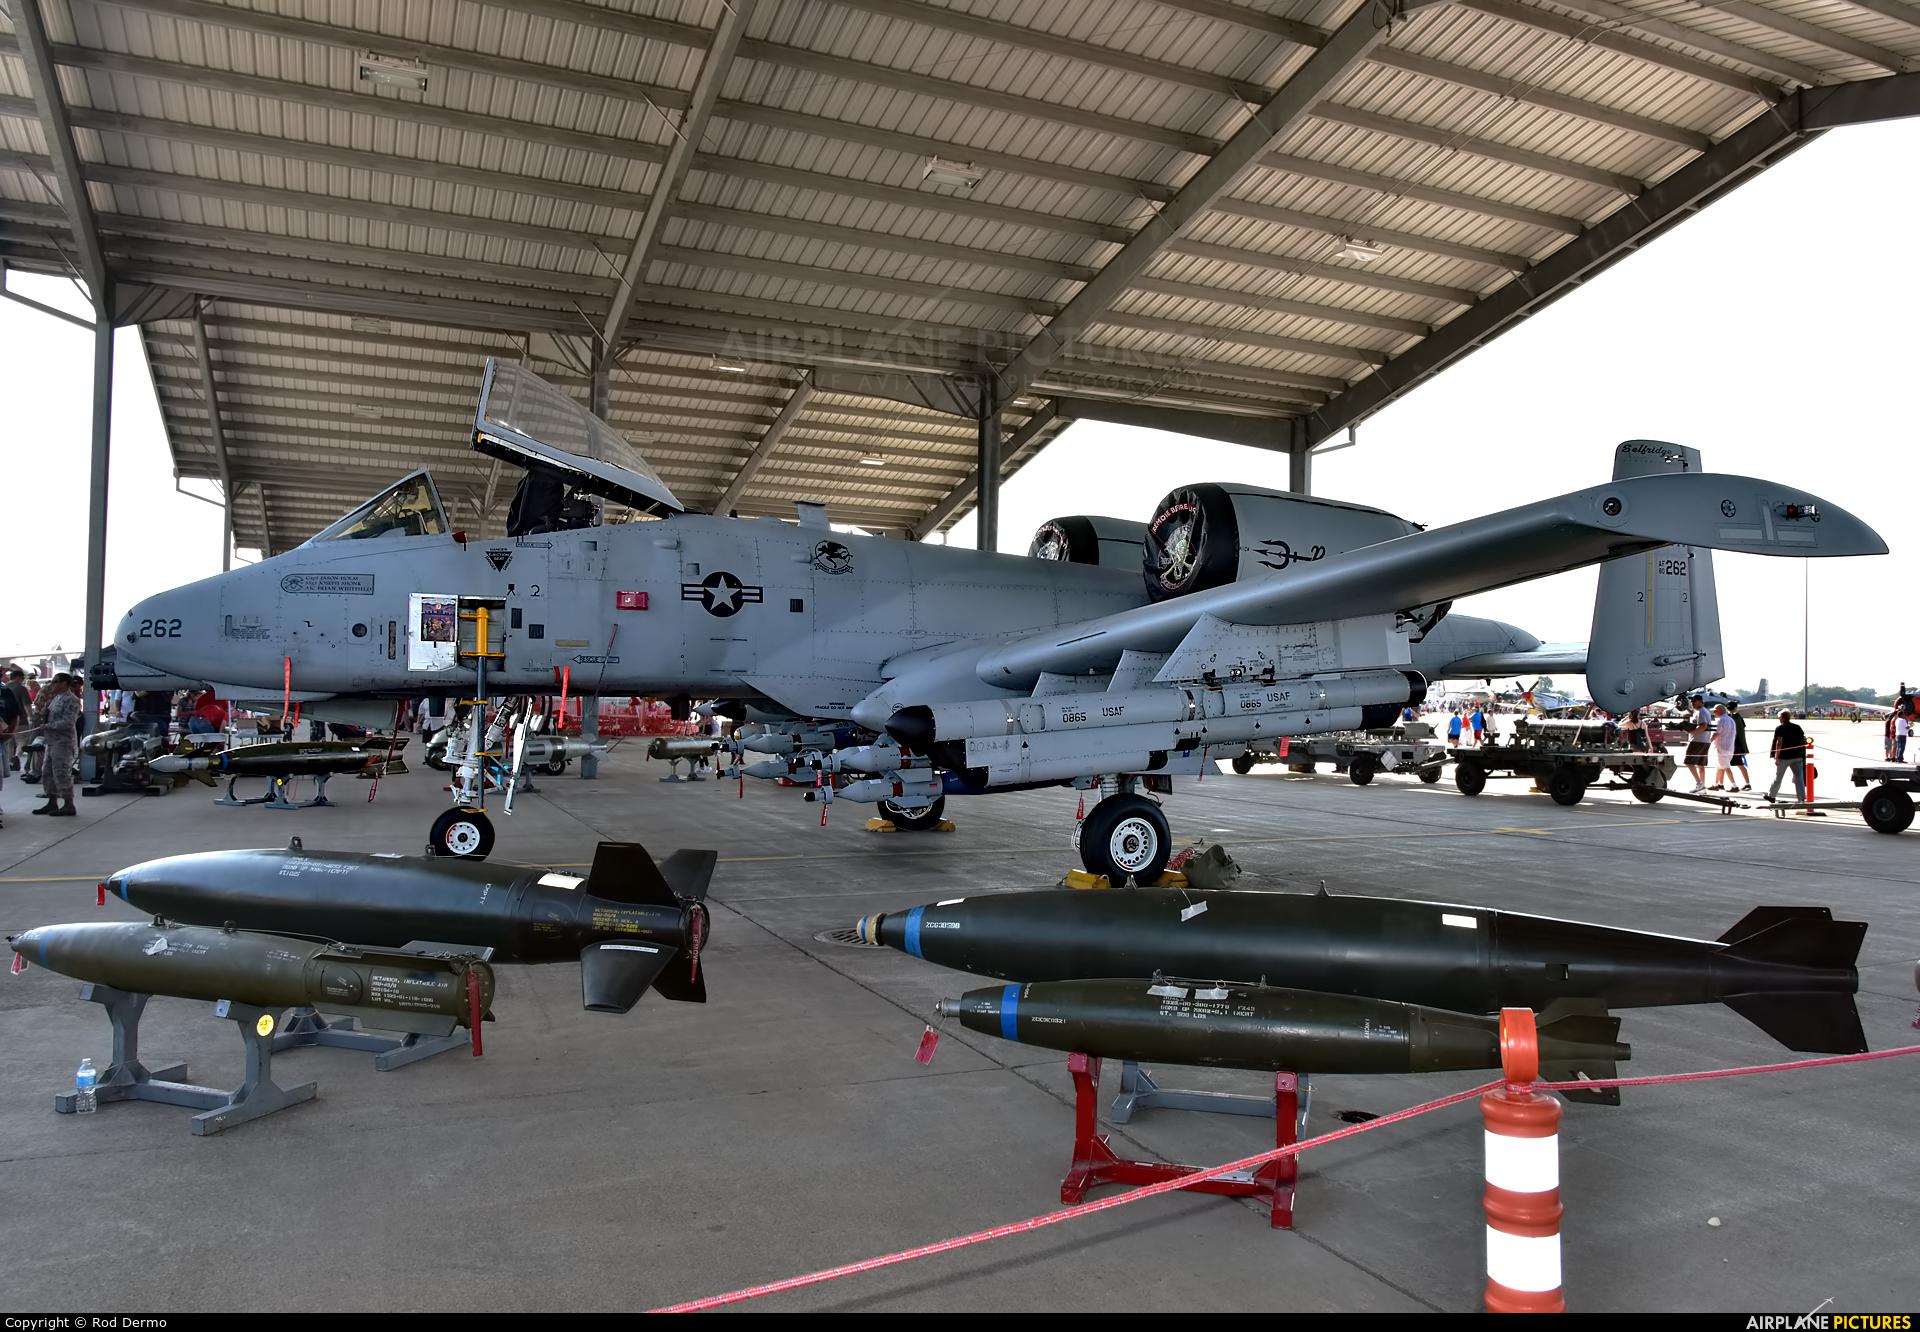 USA - Air Force 80-0262 aircraft at Selfridge ANGB